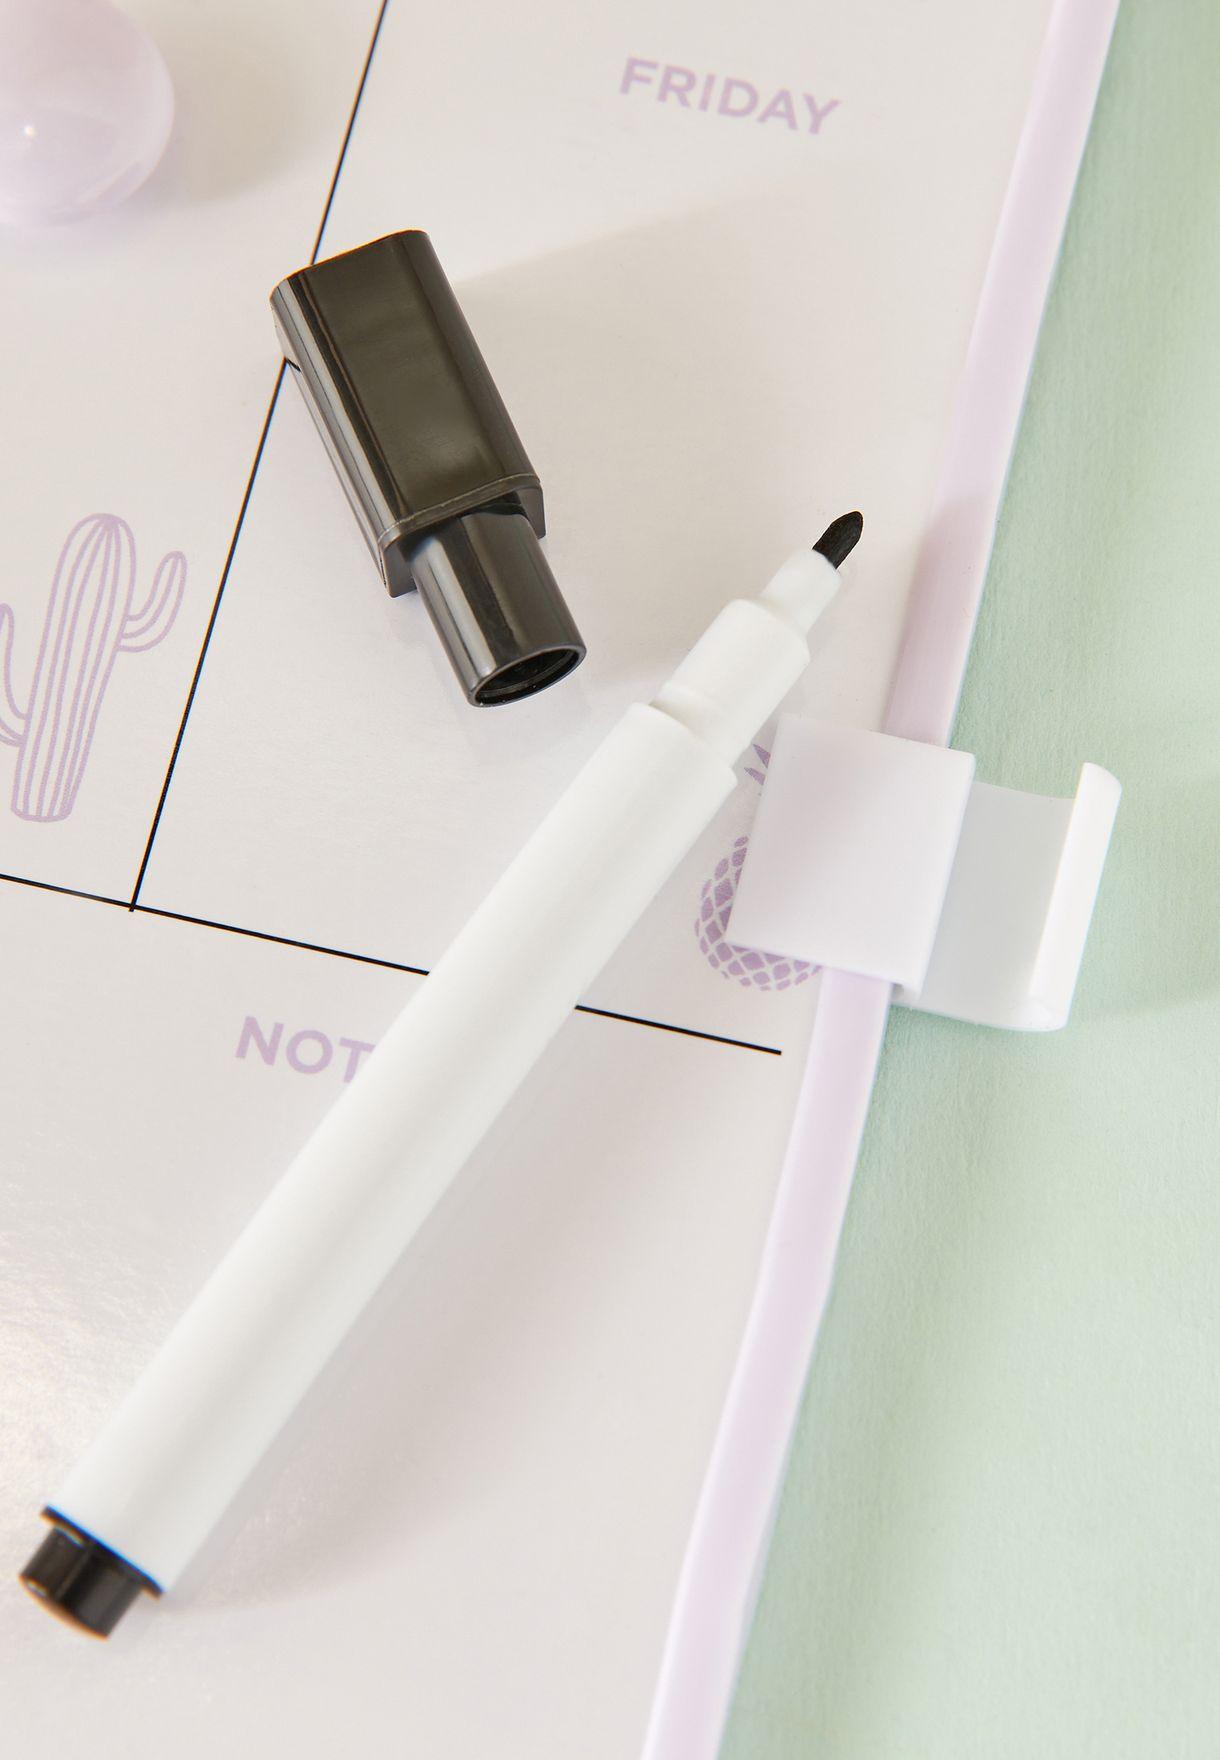 لوح مغناطيسي وقلم